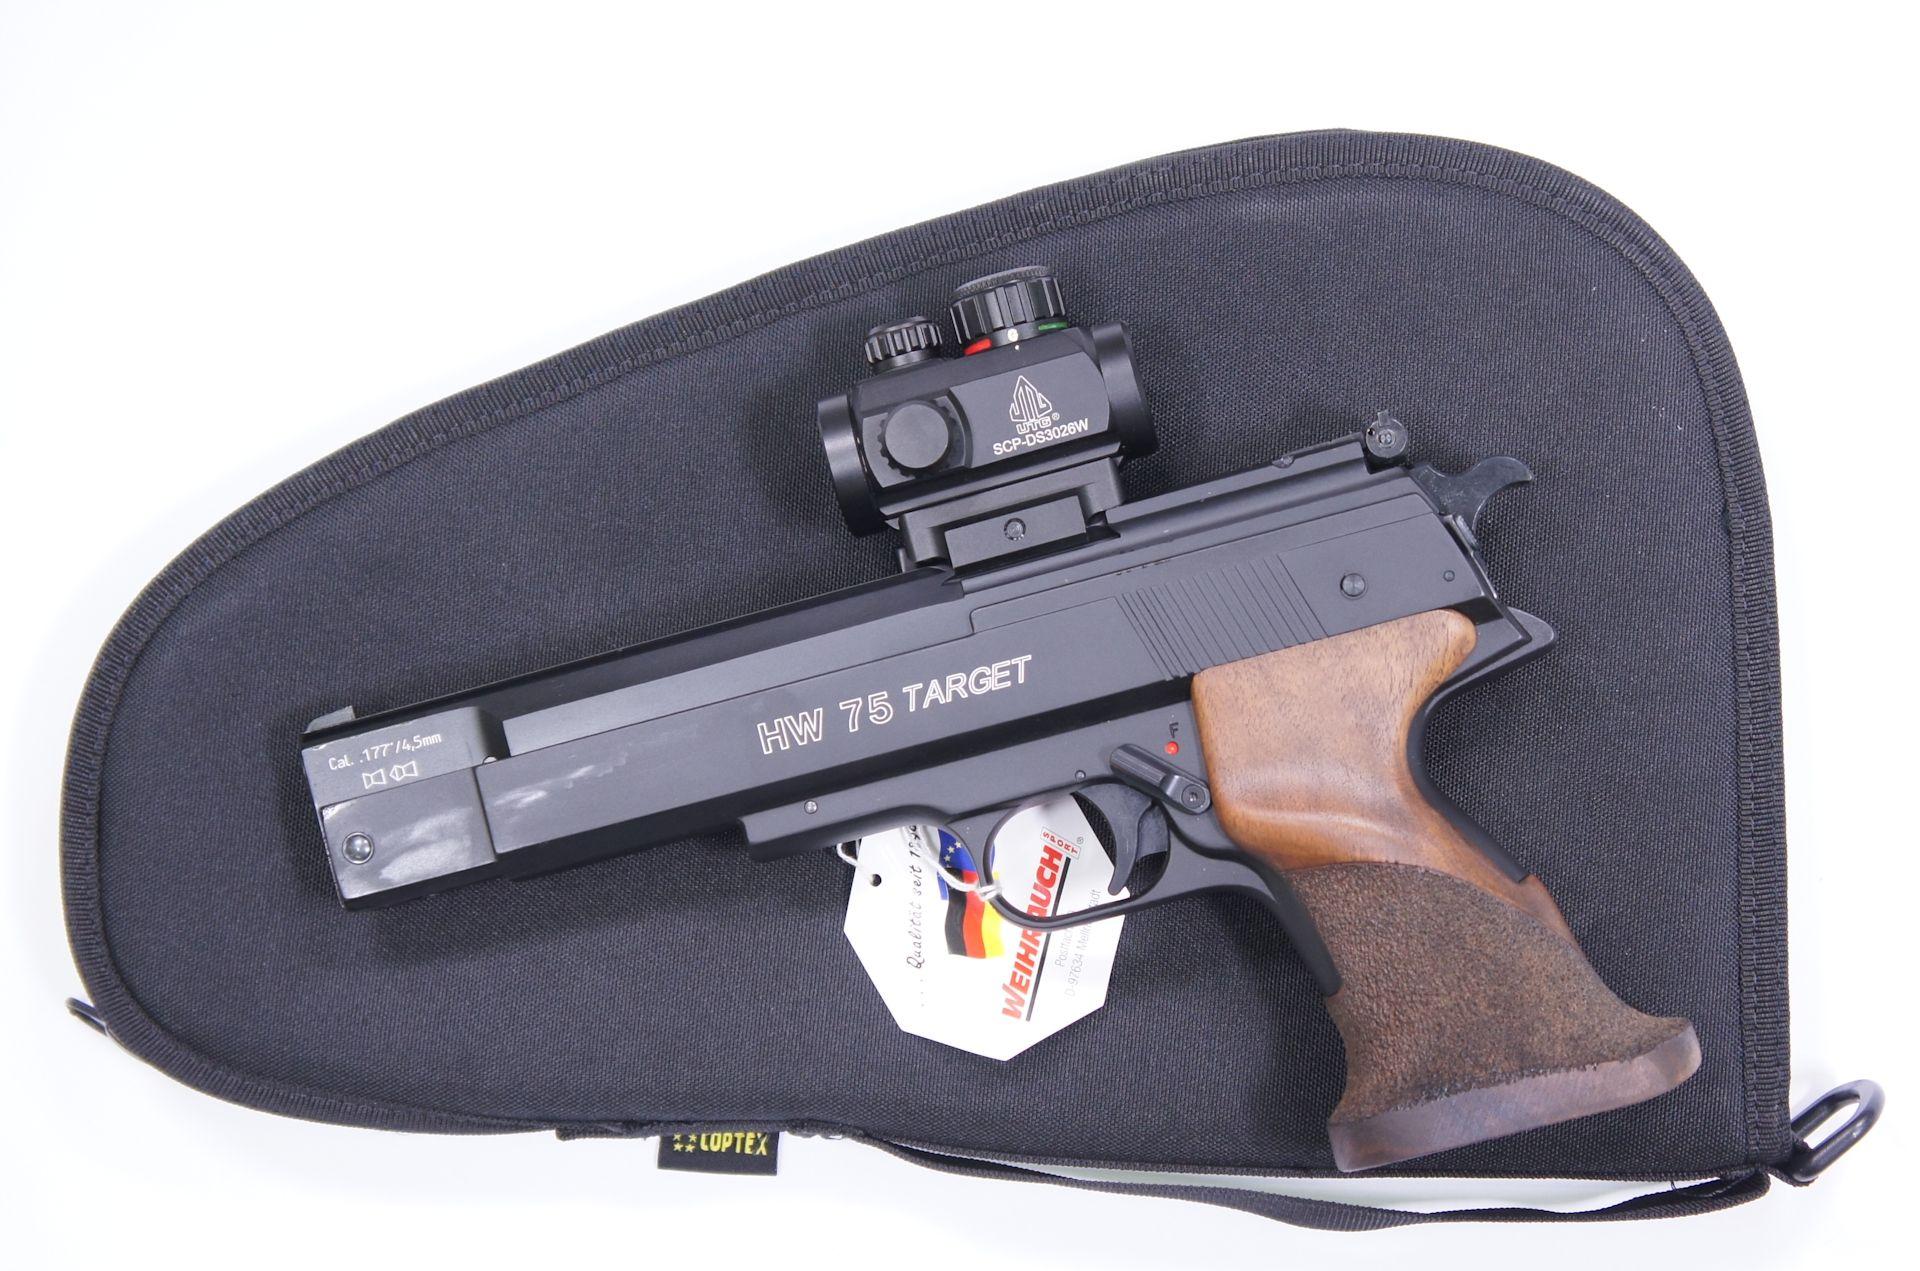 Als Zubehör für die Luftpistole HW 75 Target kann ich Ihnen so eine <a href=1130222-45.htm>Reflexvisier der Marke Ritter</a> und <a href=1340088.htm> solche praktische Tasche </a> für Aufbewahrung und Transport anbieten. Die Tasche wäre mittels Vorhängeschloss abschließbar.